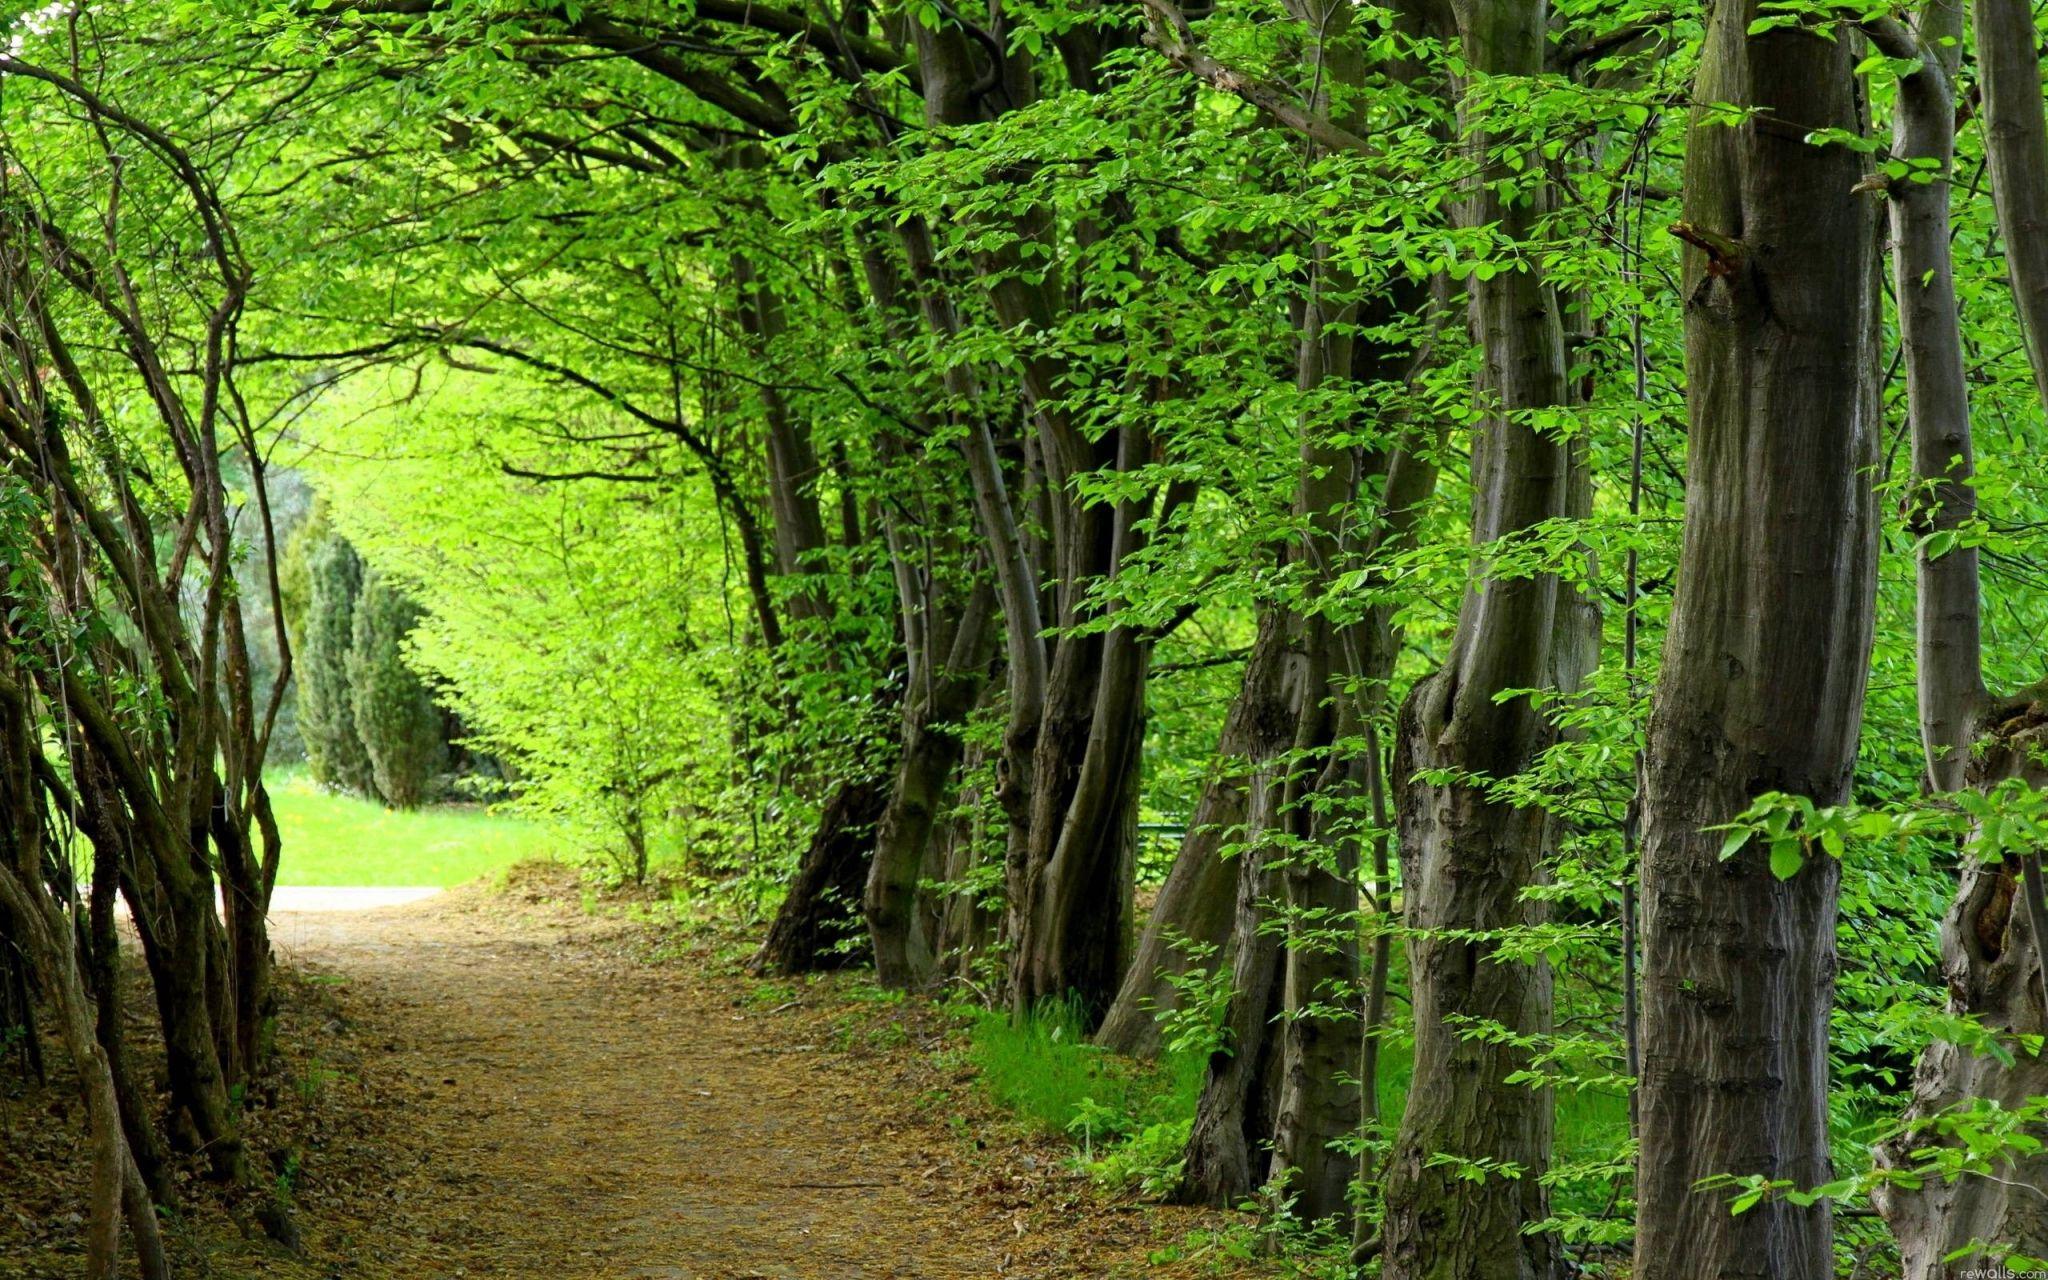 Forest Backgrounds For Desktop Hd Backgrounds Forest Wallpaper Nature Desktop Summer Trees